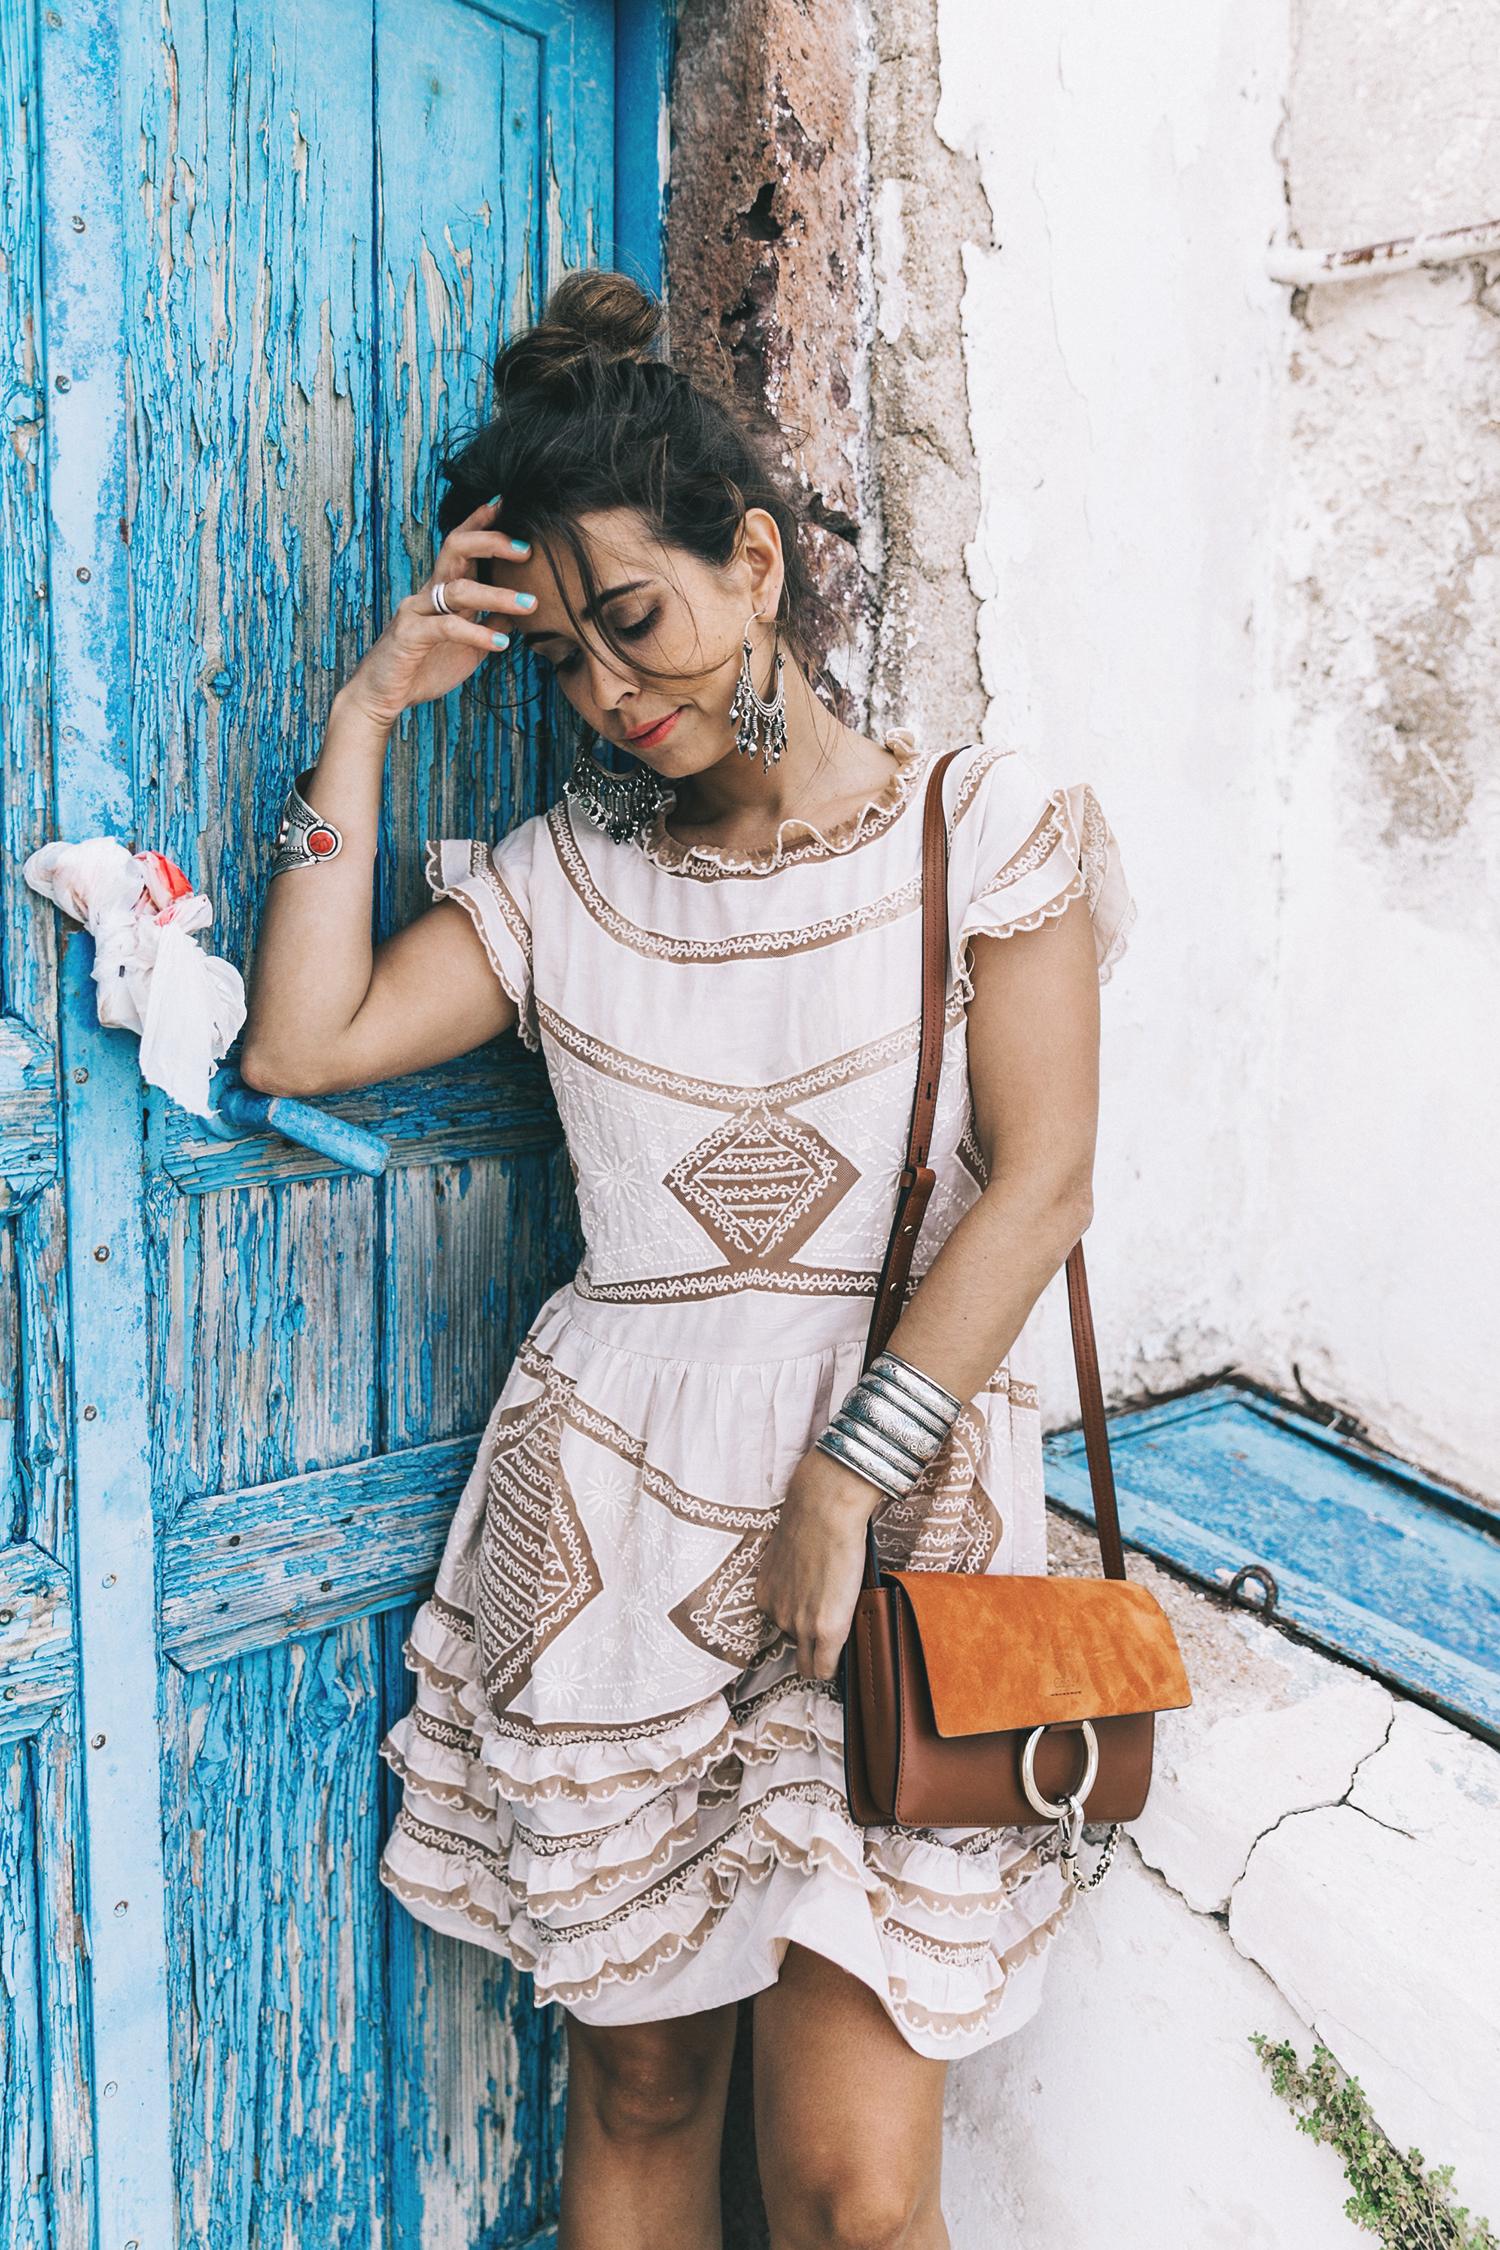 Chloe_Bag-Faye_Bag-For_Love_And_Lemons-Dress-Topknot-Soludos_Escapes-Soludos_Espadrilles-Summer-Santorini-Collage_Vintage-72